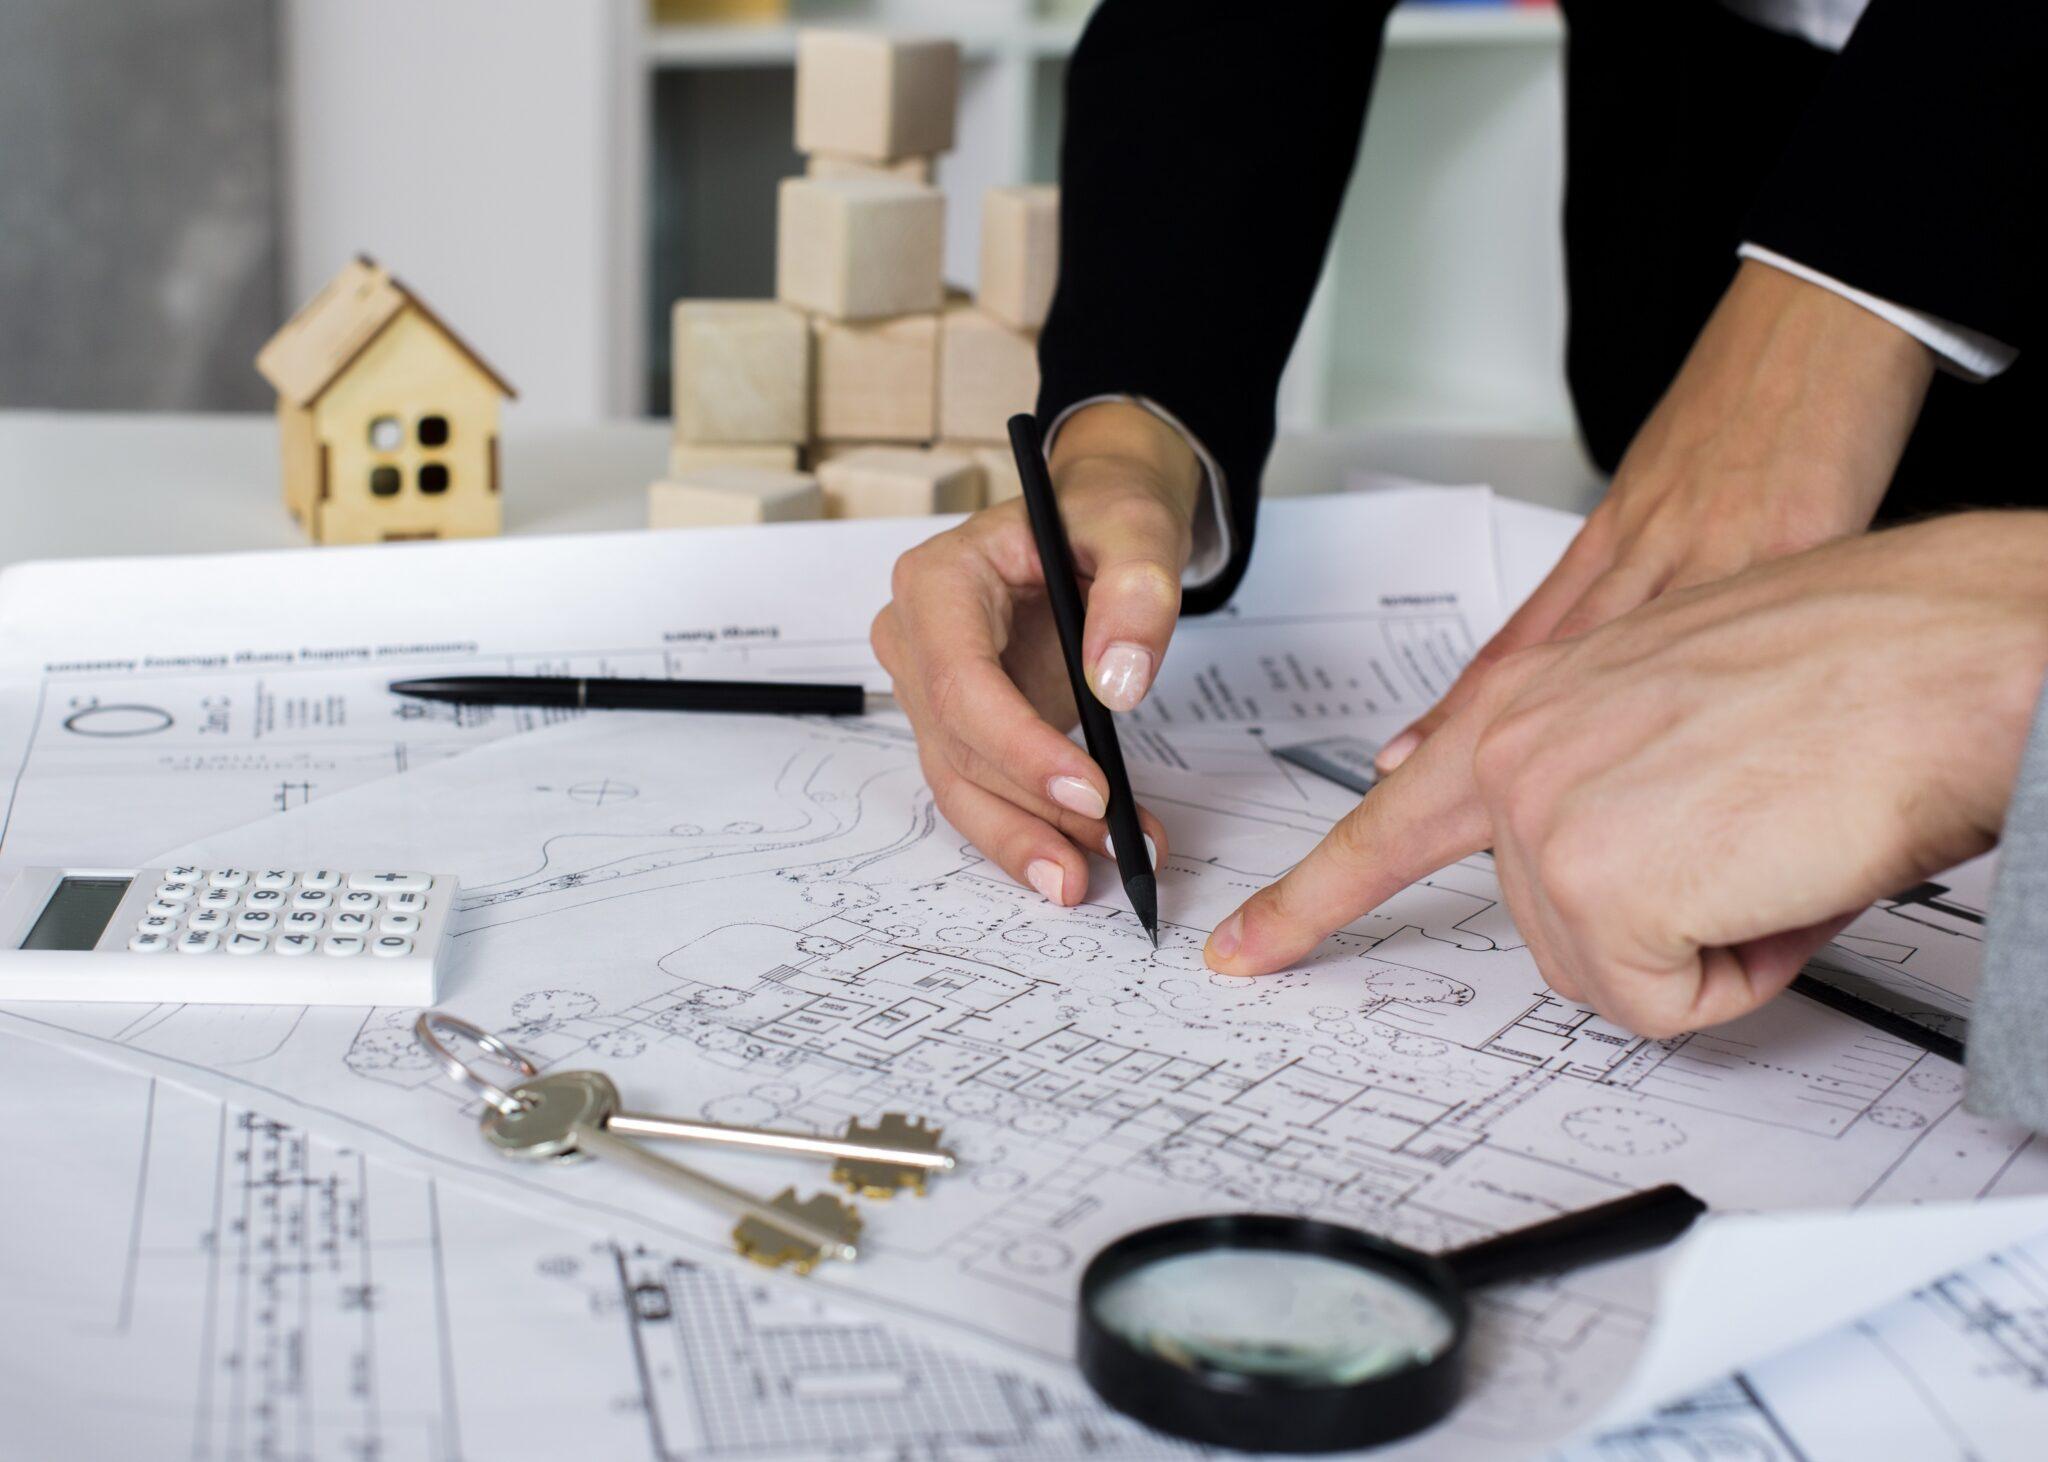 Reflexos do coronavírus em empreendimentos imobiliários: prorrogação e desistência da incorporação